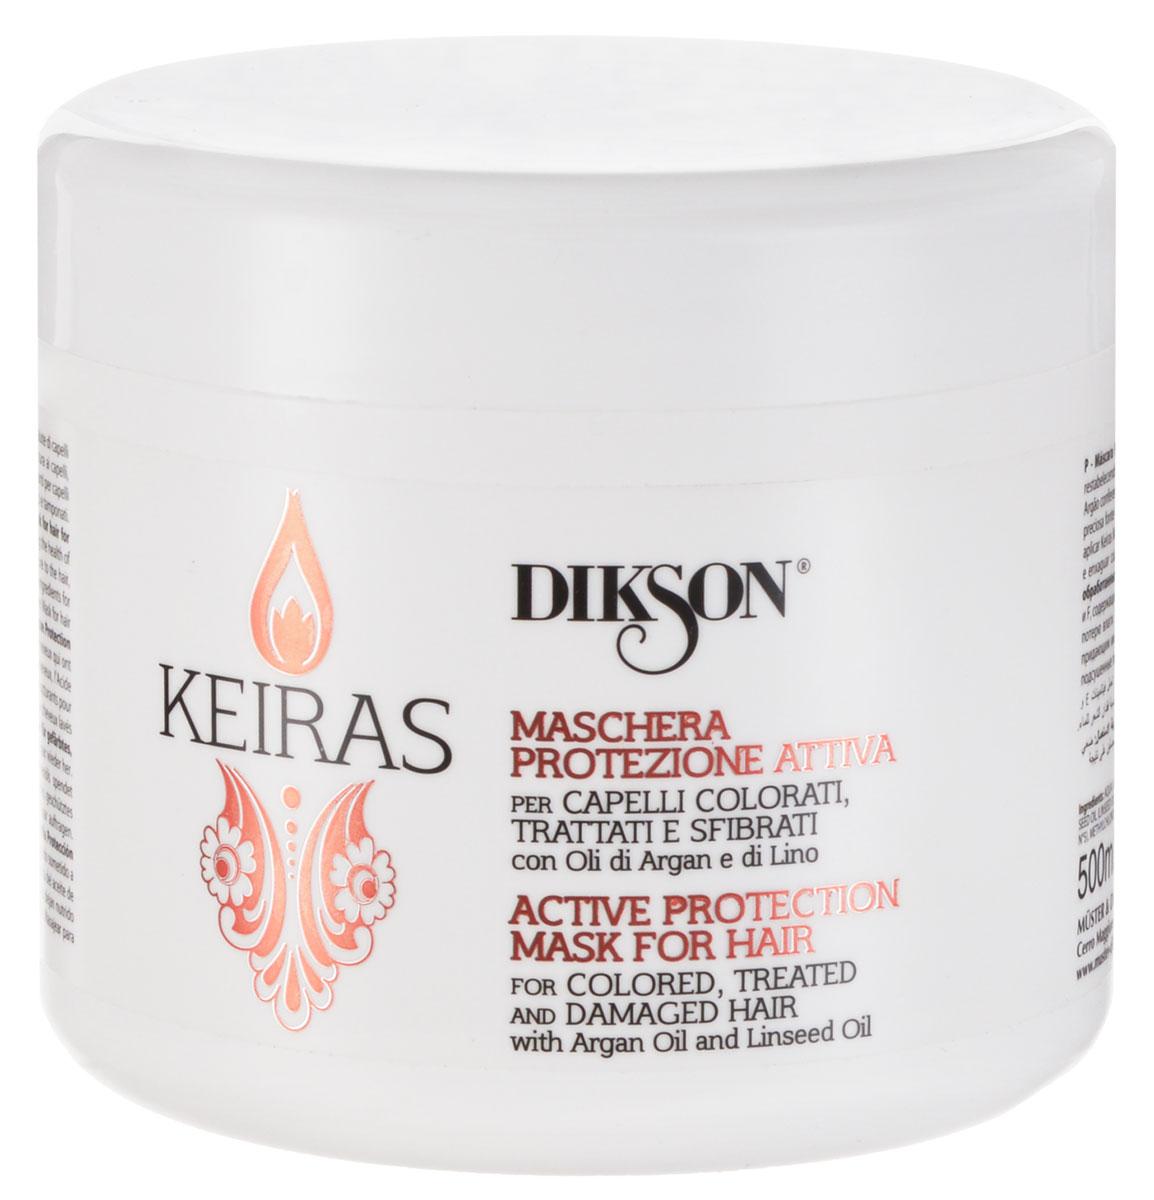 Dikson Маска «Активная защита» для окрашенных волос Keiras Maschera Protezione Attiva 500 млFS-00897Маска мгновенного действия для окрашенных и поврежденных волос. Укрепляет, не утяжеляя структуру волос, содержит комплекс anti-age. Масло Арганы увлажняет волосы, делая их более эластичными. Льняное масло питает, придает объем и способствует укреплению корней.